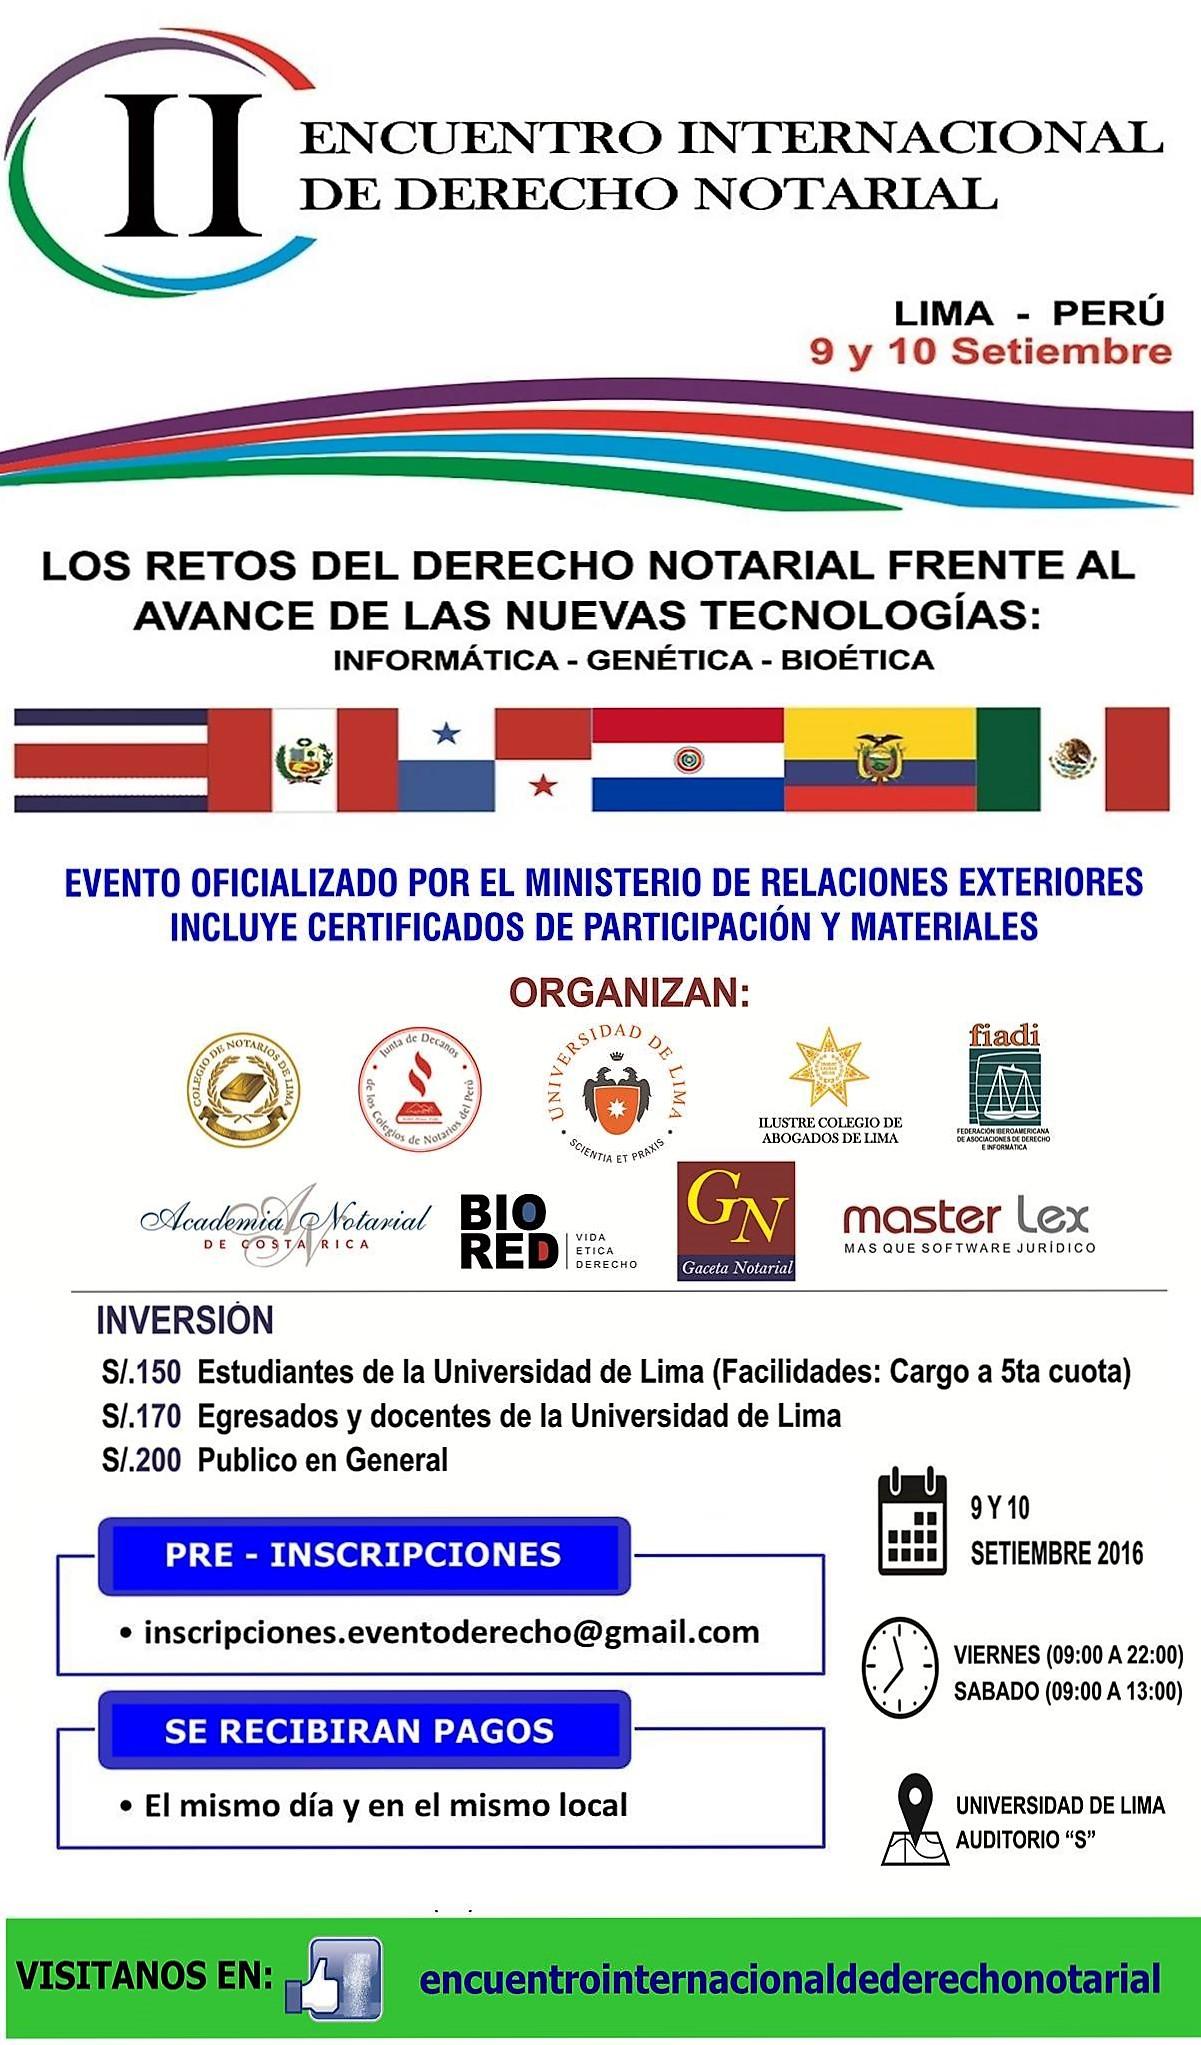 II ENCUENTRO INTERNACIONAL DE DERECHO NOTARIAL